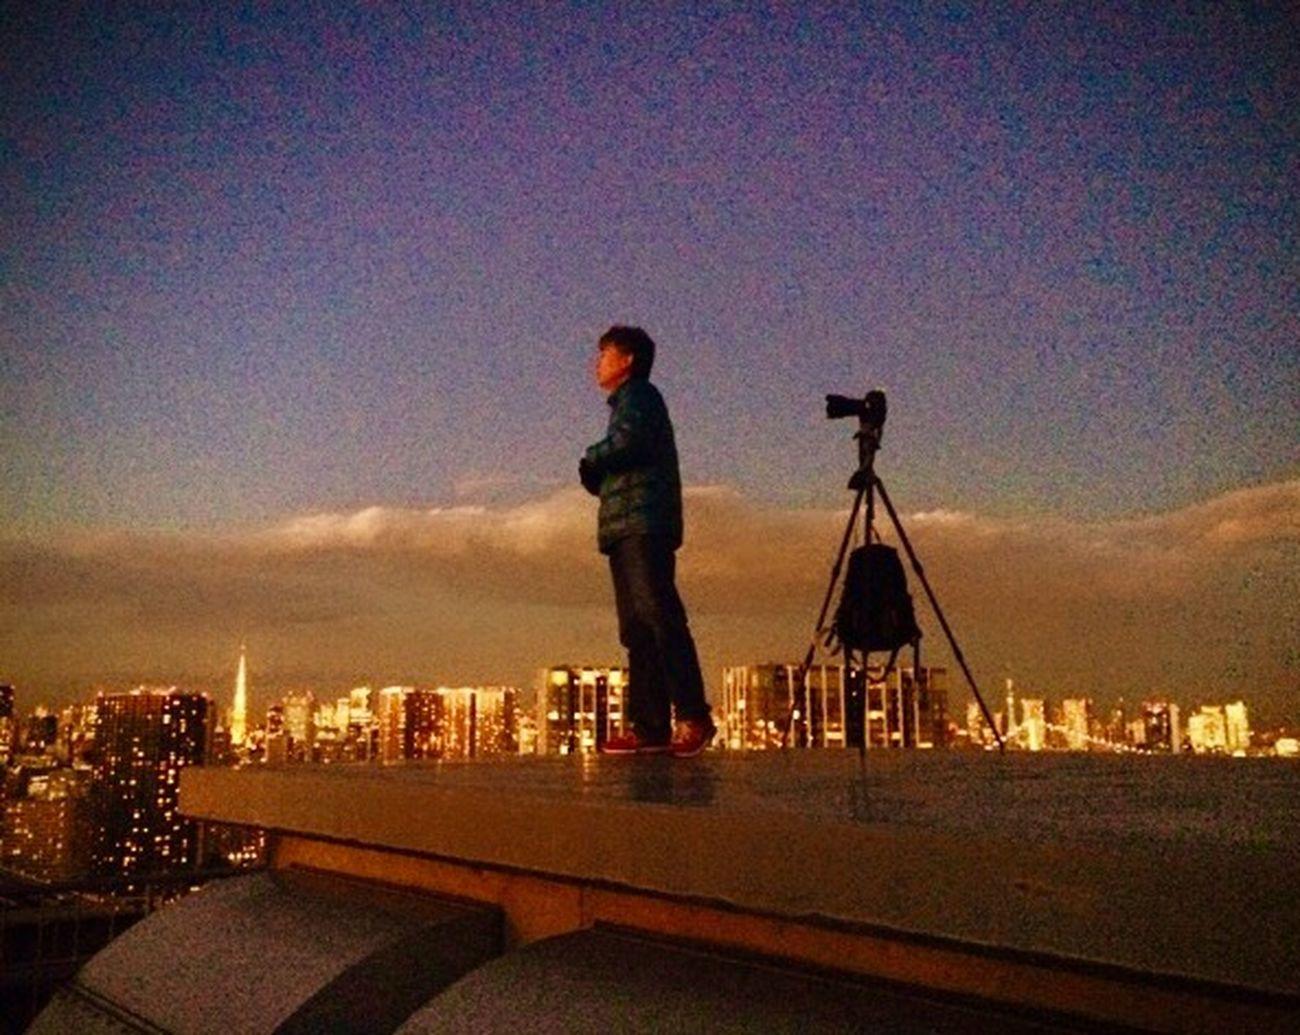 プロカメラマンがカッコ良すぎて パチリ📷 天王洲アイル 東京湾 Tokyobay